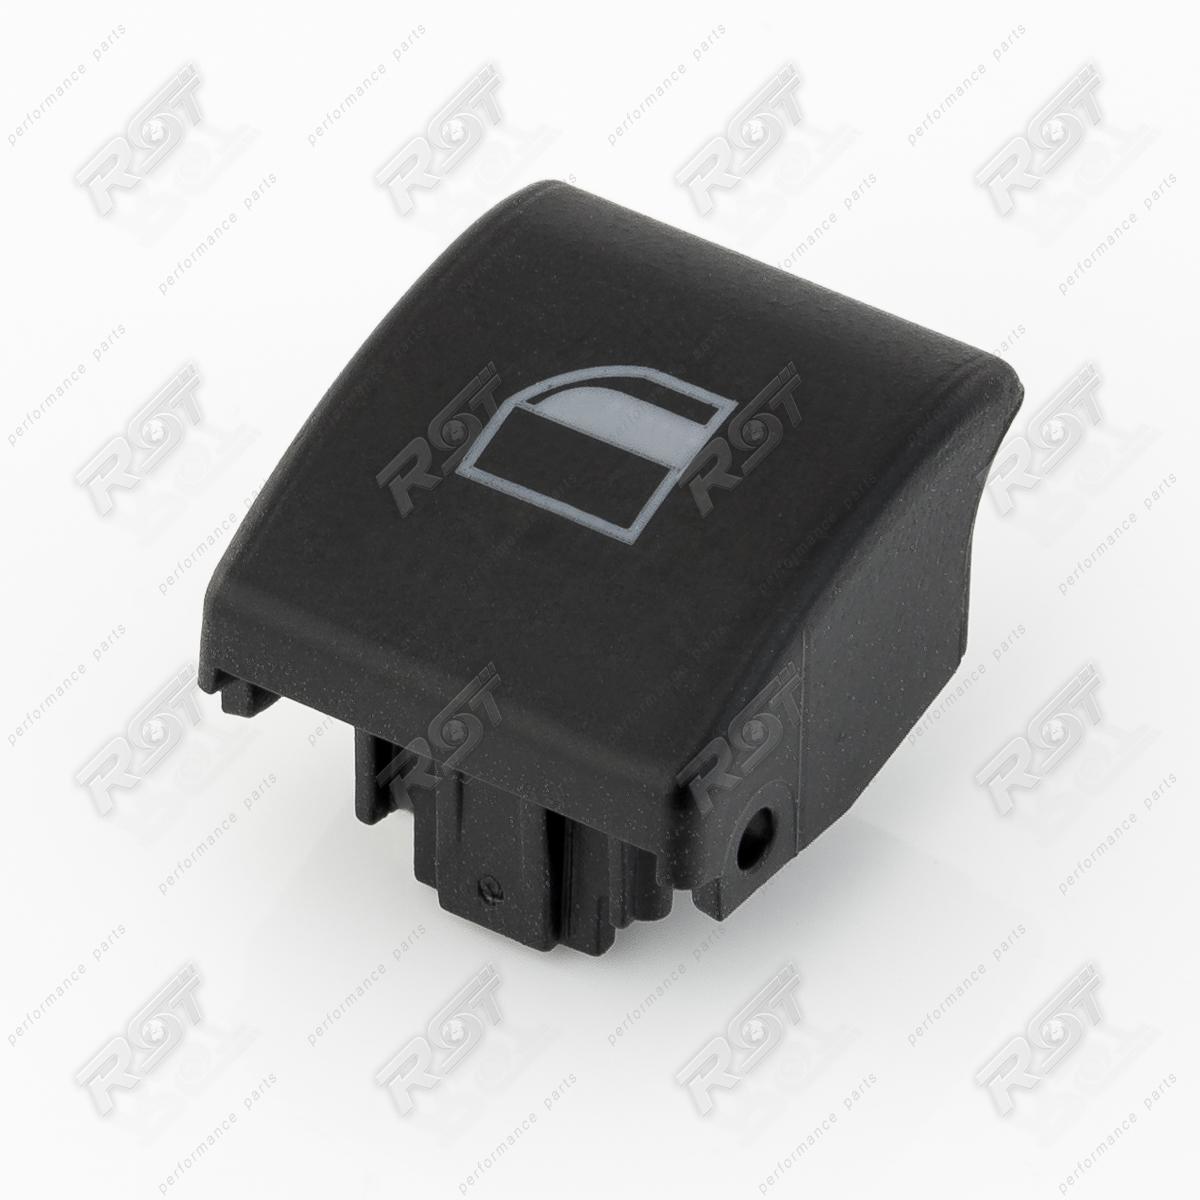 1x l ve vitre bouton interrupteur blende avant gauche r pour bmw 3 s rie e46 ebay. Black Bedroom Furniture Sets. Home Design Ideas